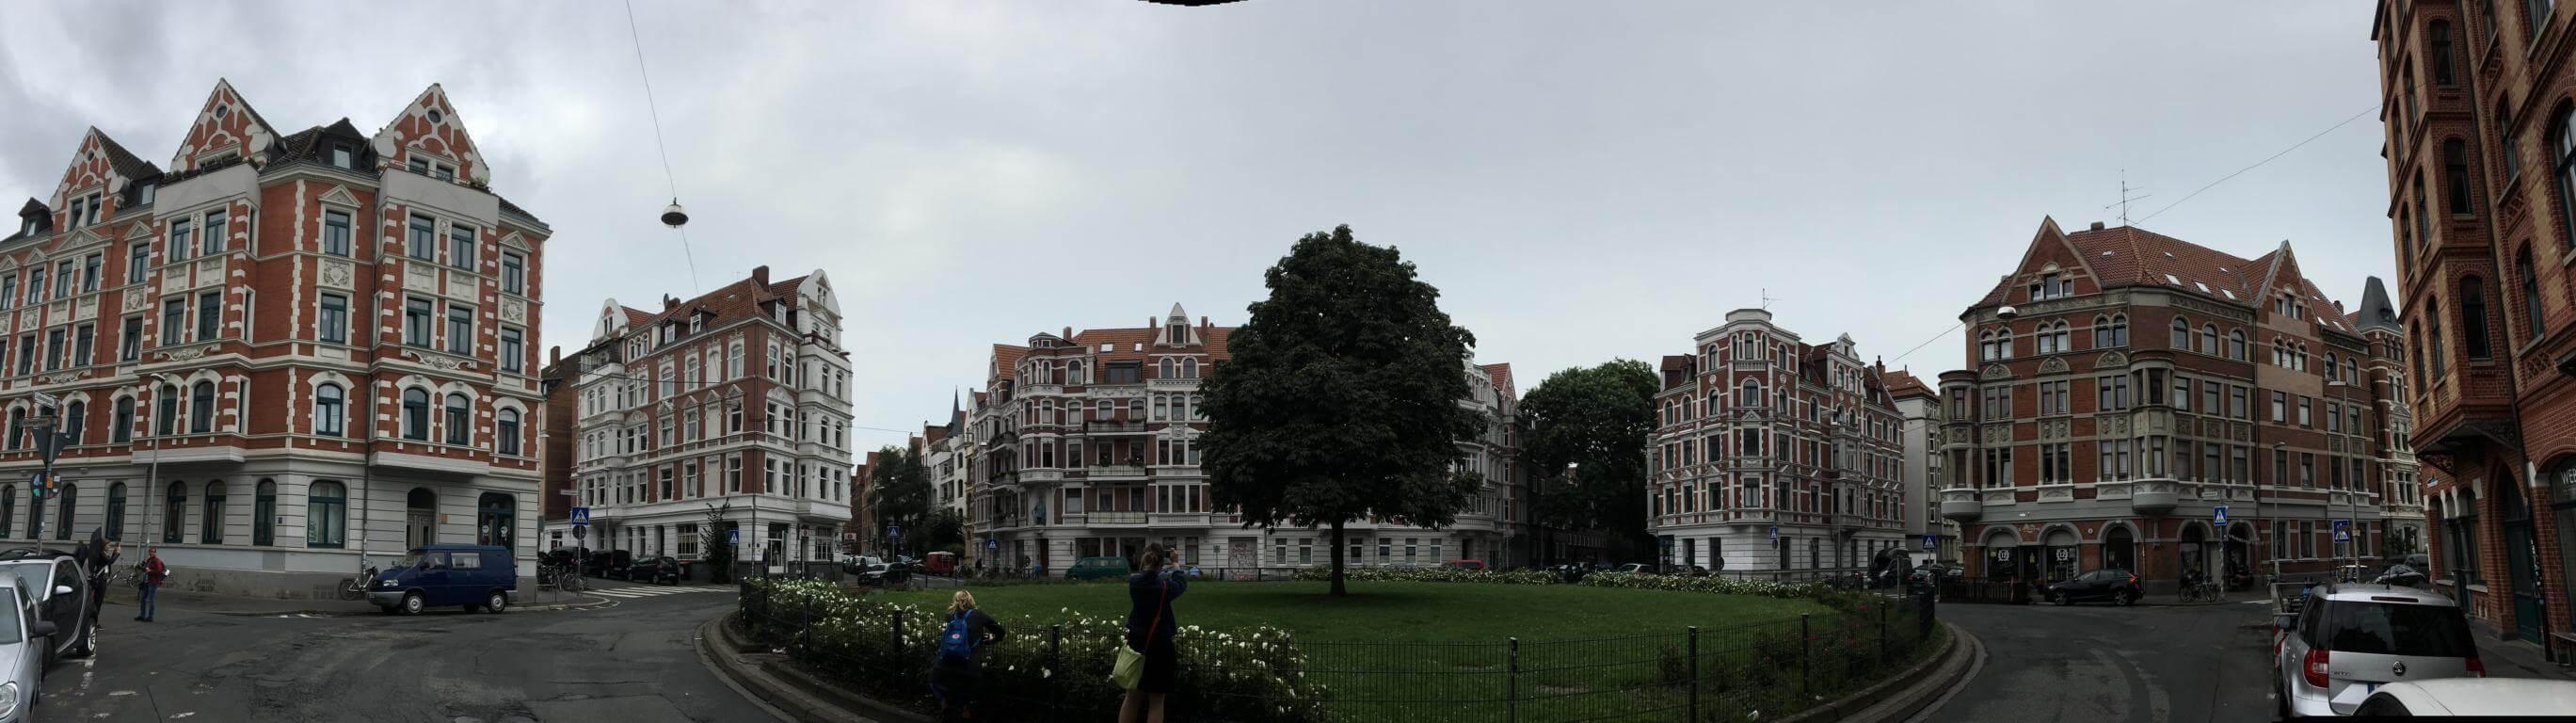 Der Lichtenbergplatz in Hannover mit den tollen alten Häusern